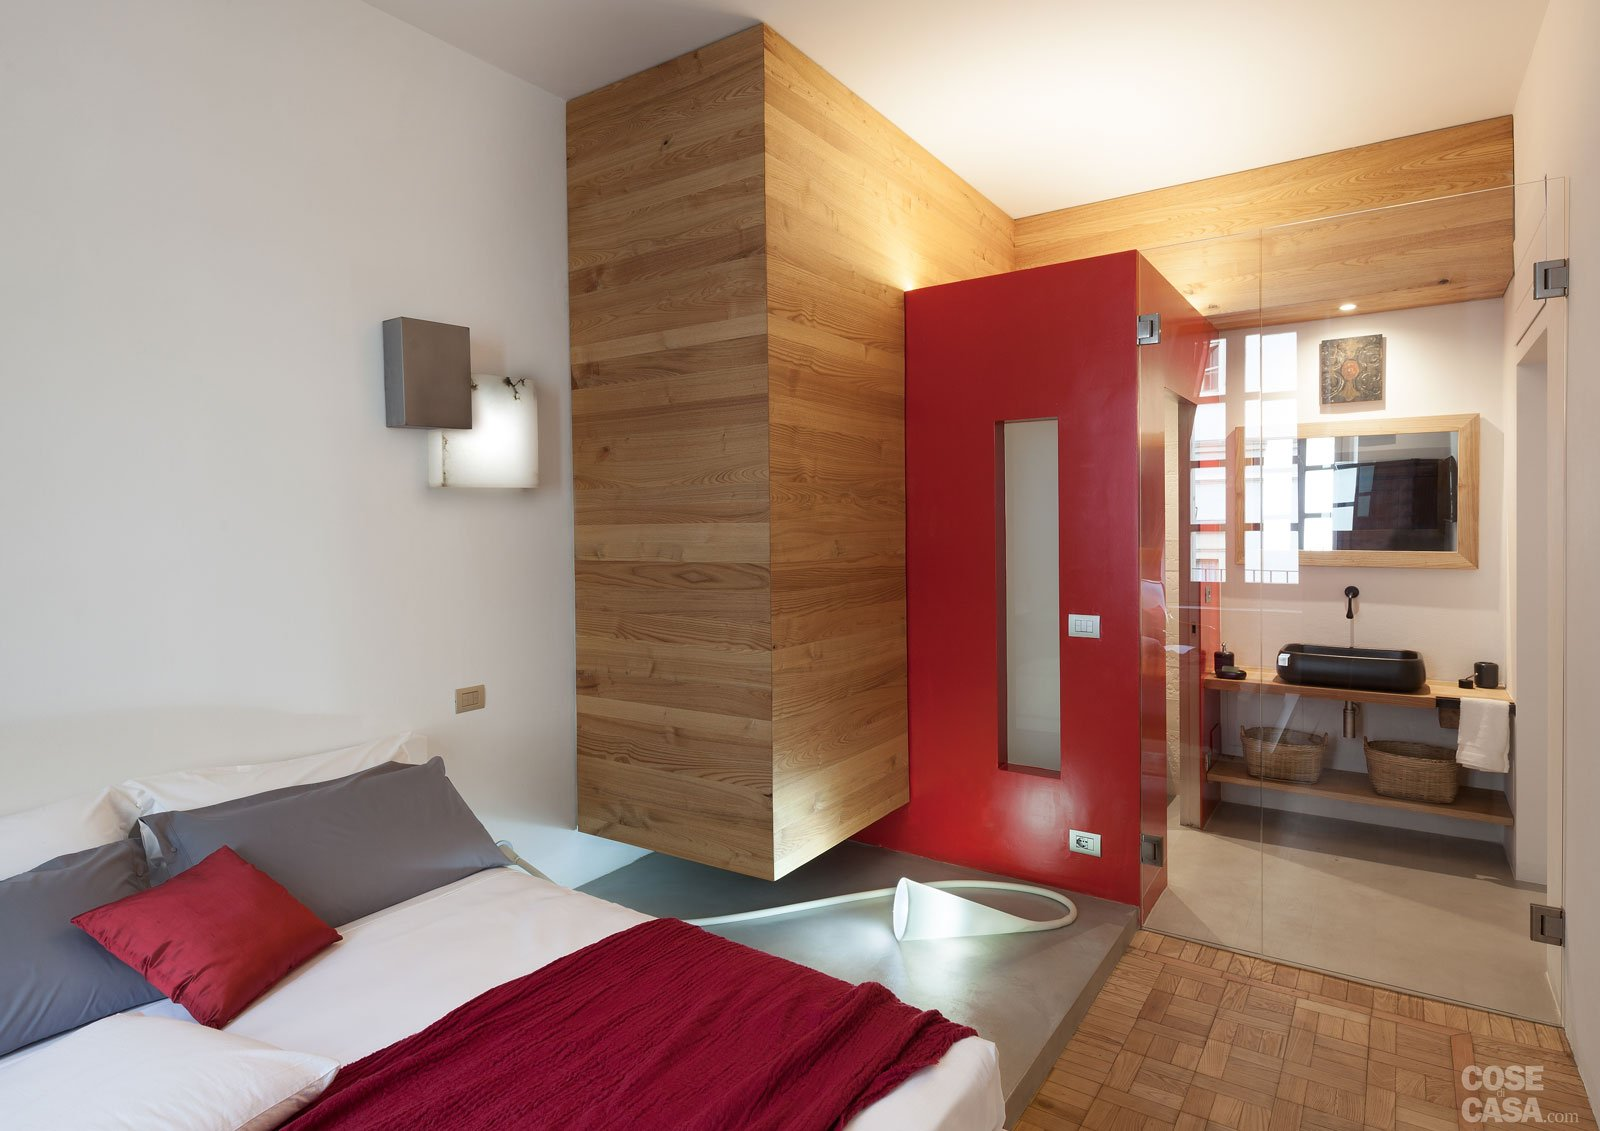 Bagno In Camera Con Vetro : 140 mq: volumi geometrici per dividere gli spazi cose di casa